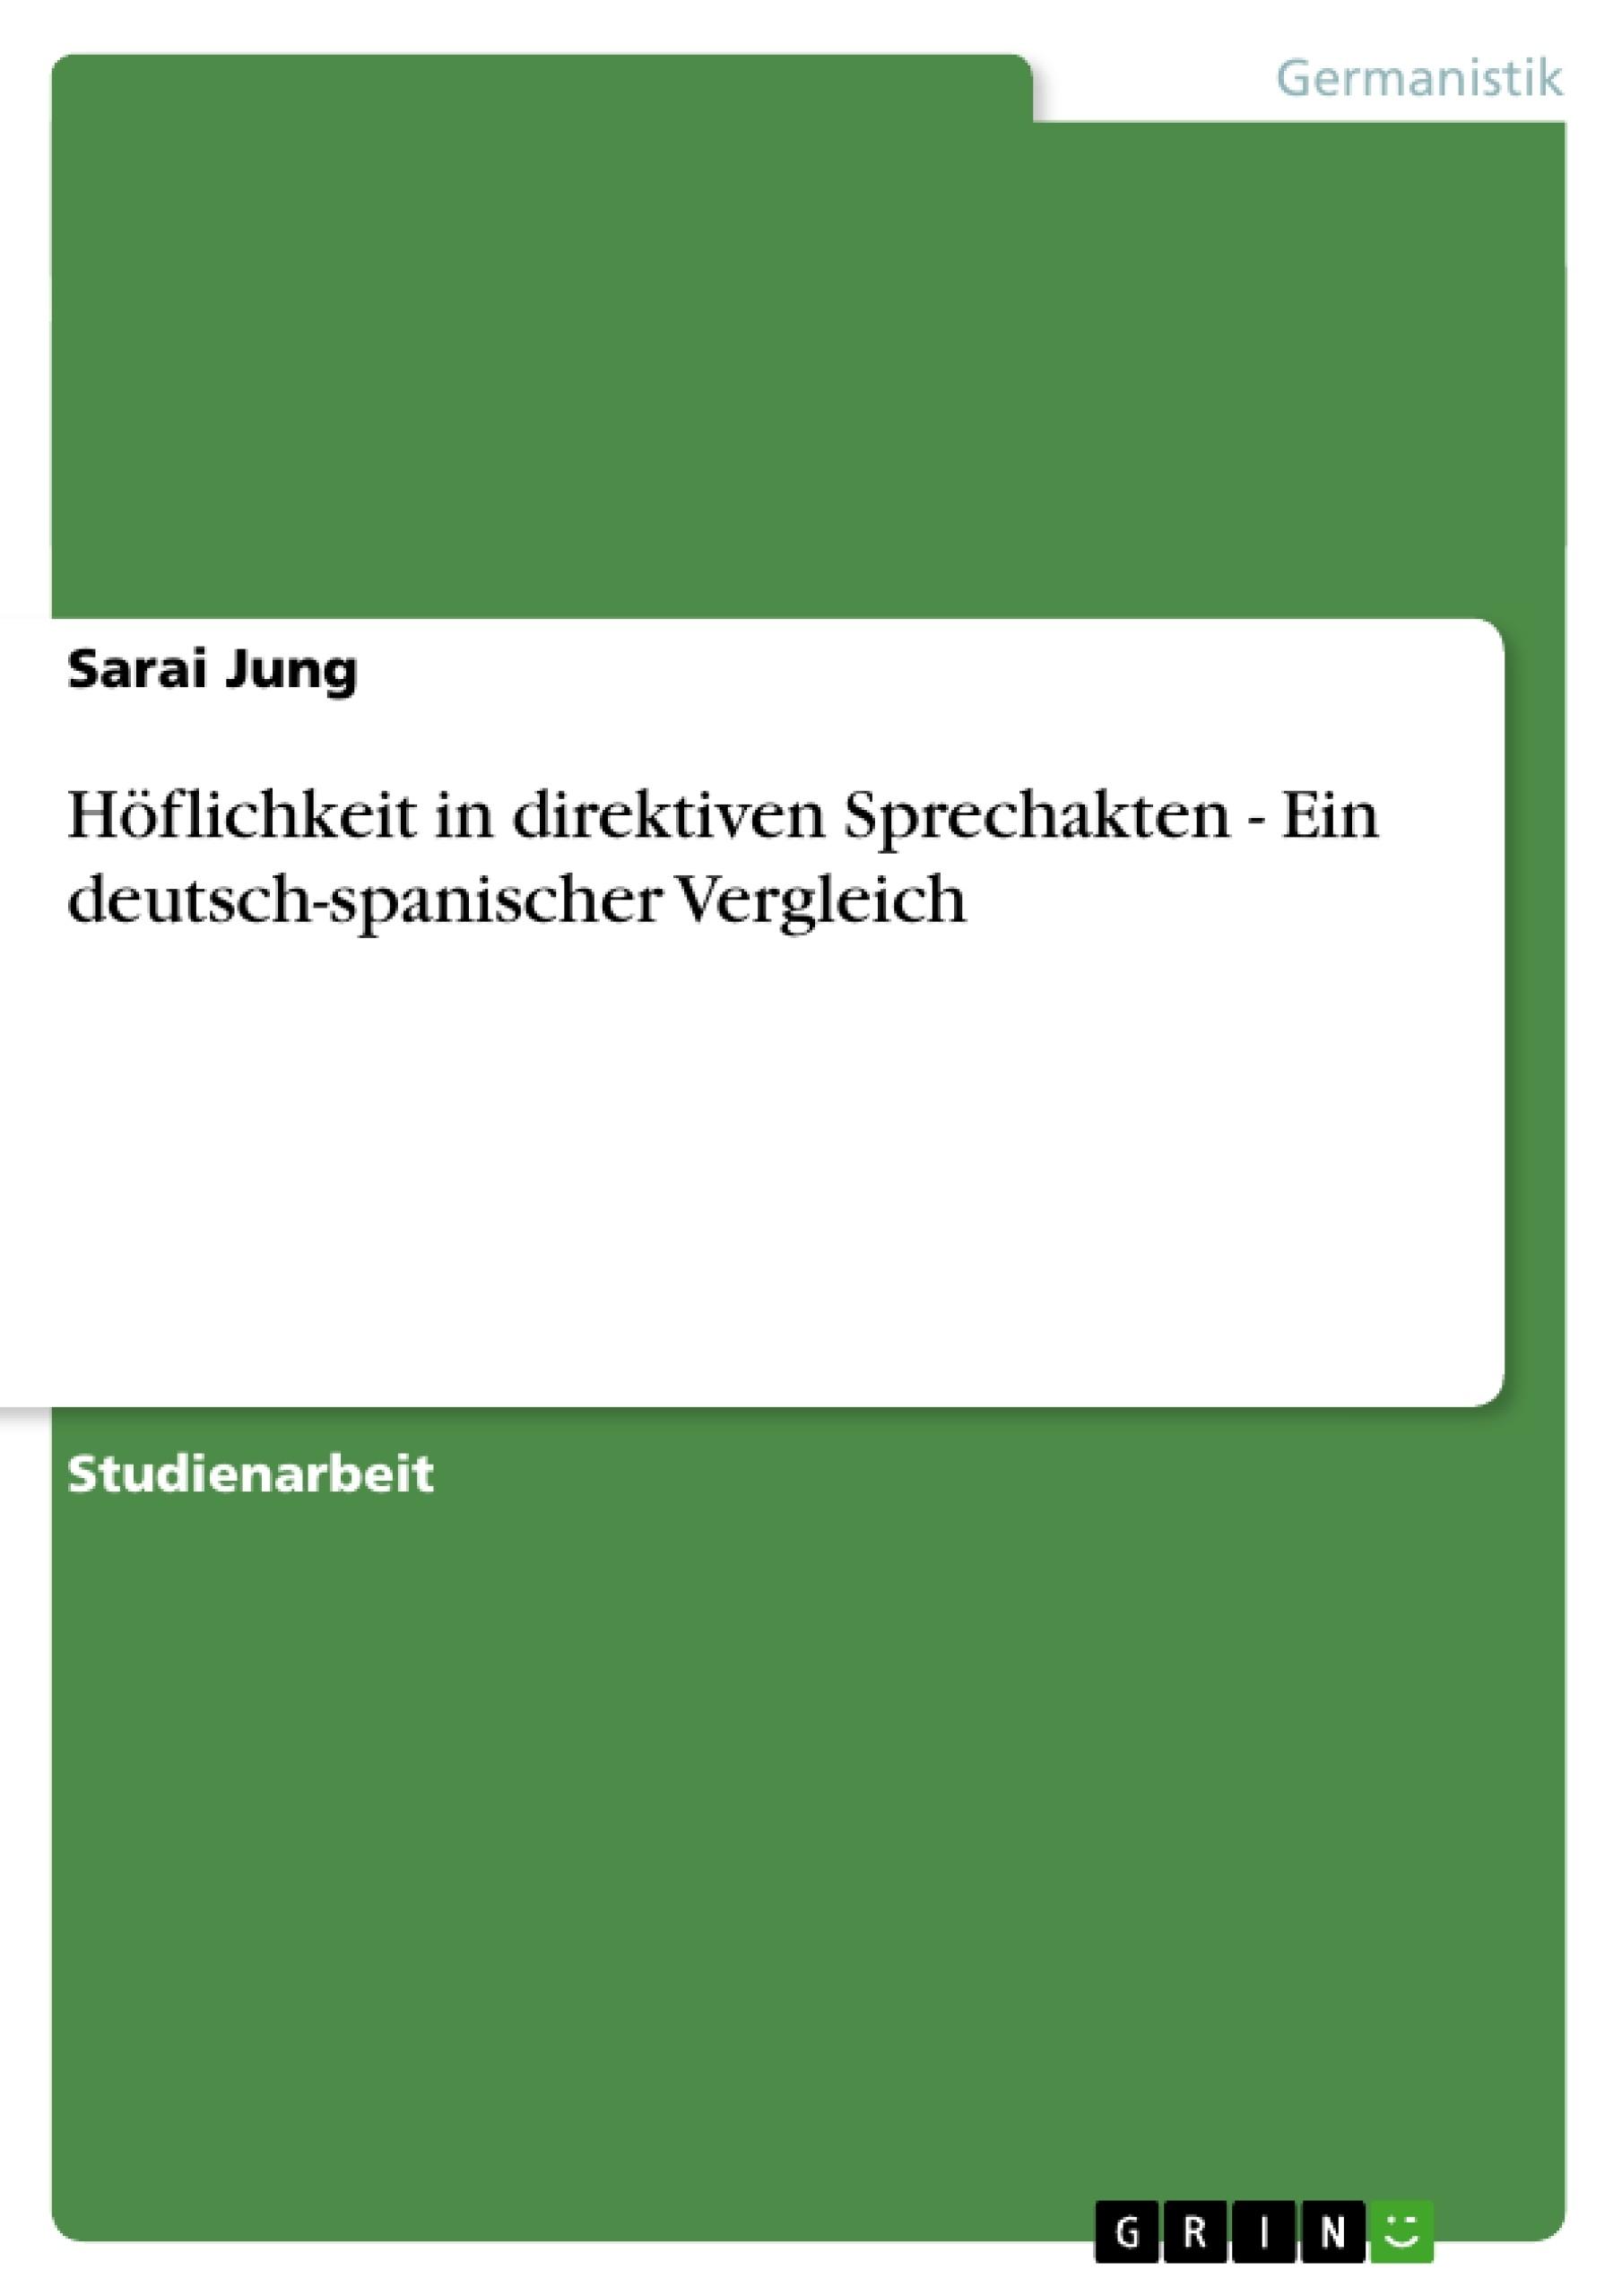 Titel: Höflichkeit in direktiven Sprechakten - Ein deutsch-spanischer Vergleich